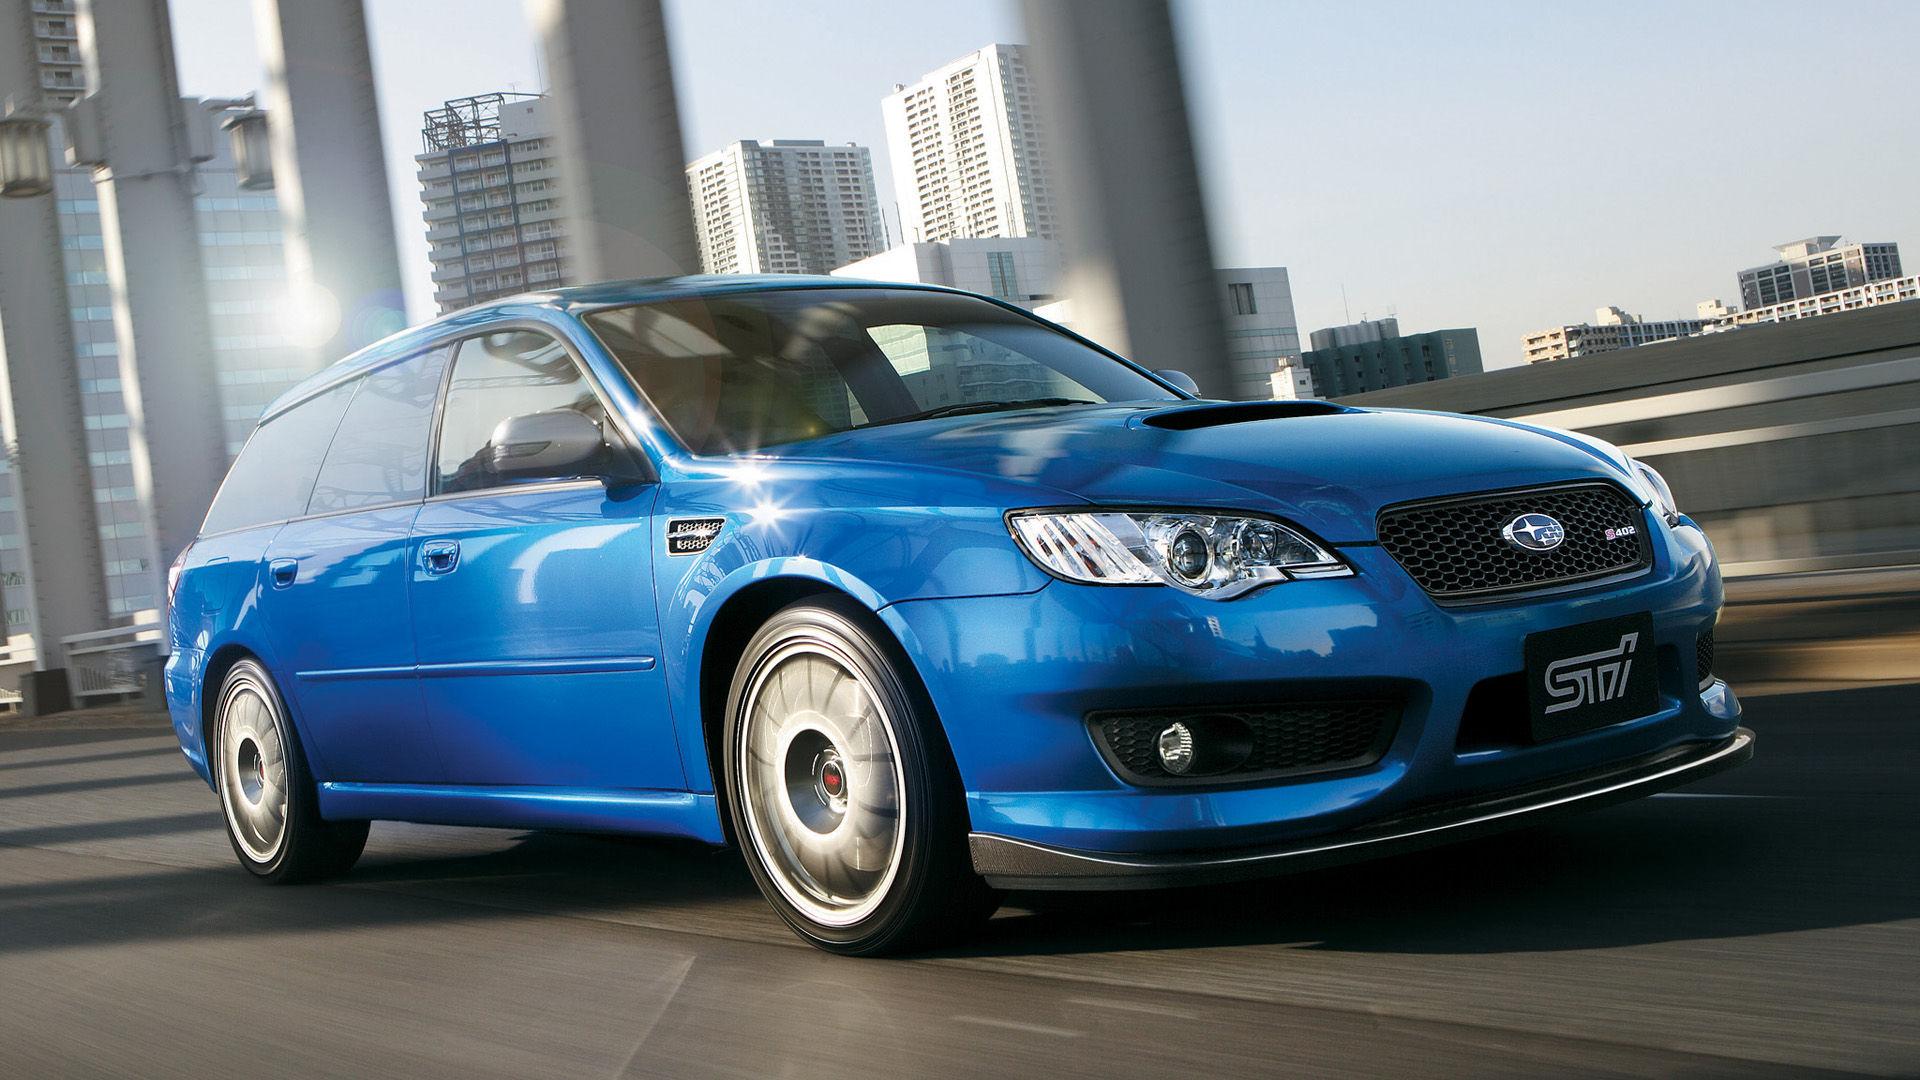 2008 Subaru Legacy STI S402